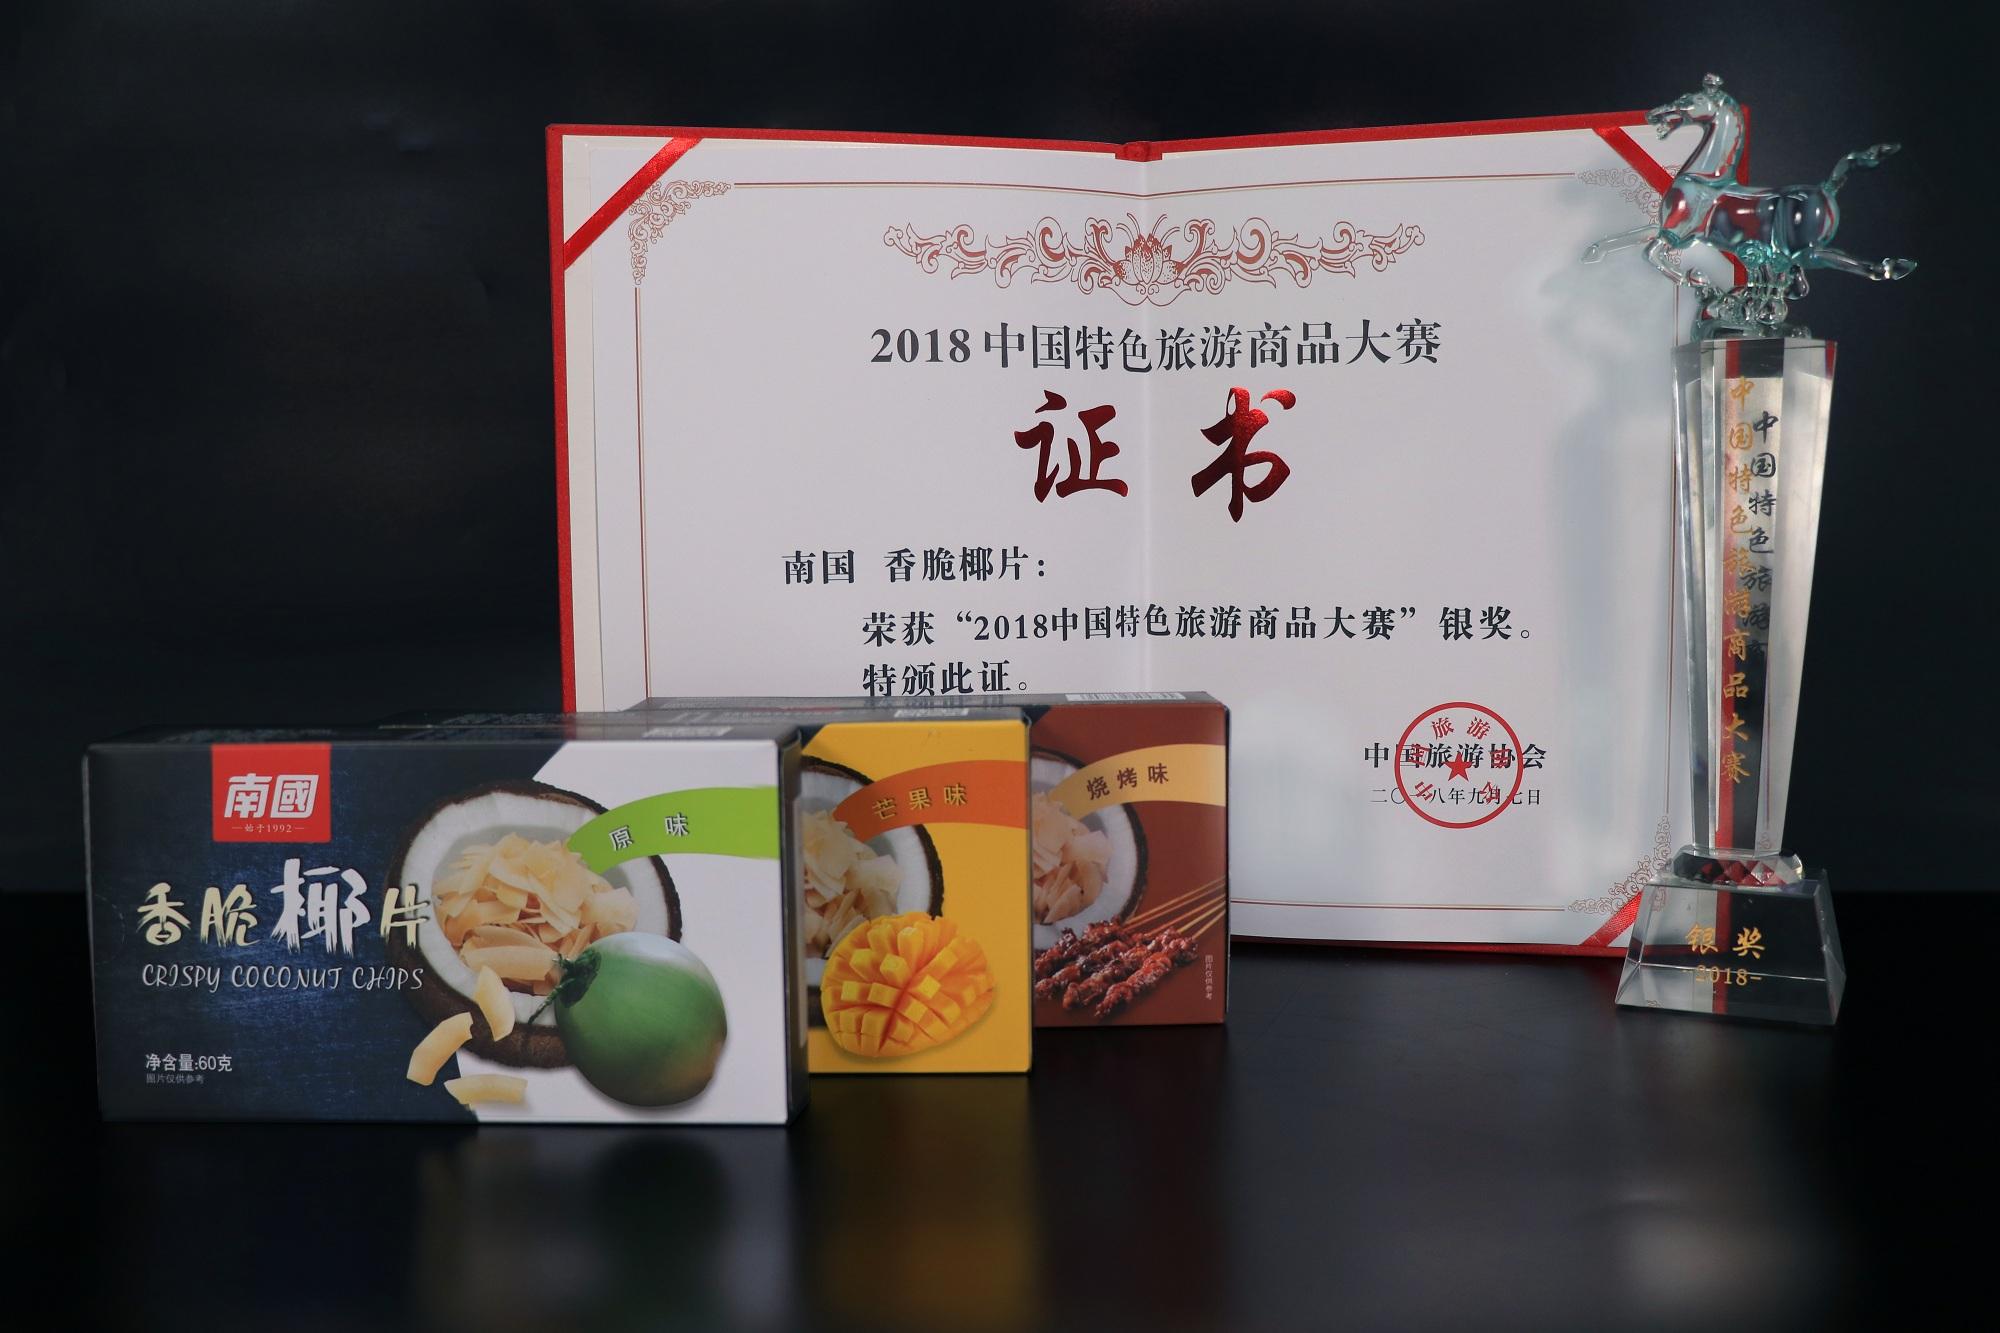 2018中国特色旅游商品大赛银奖